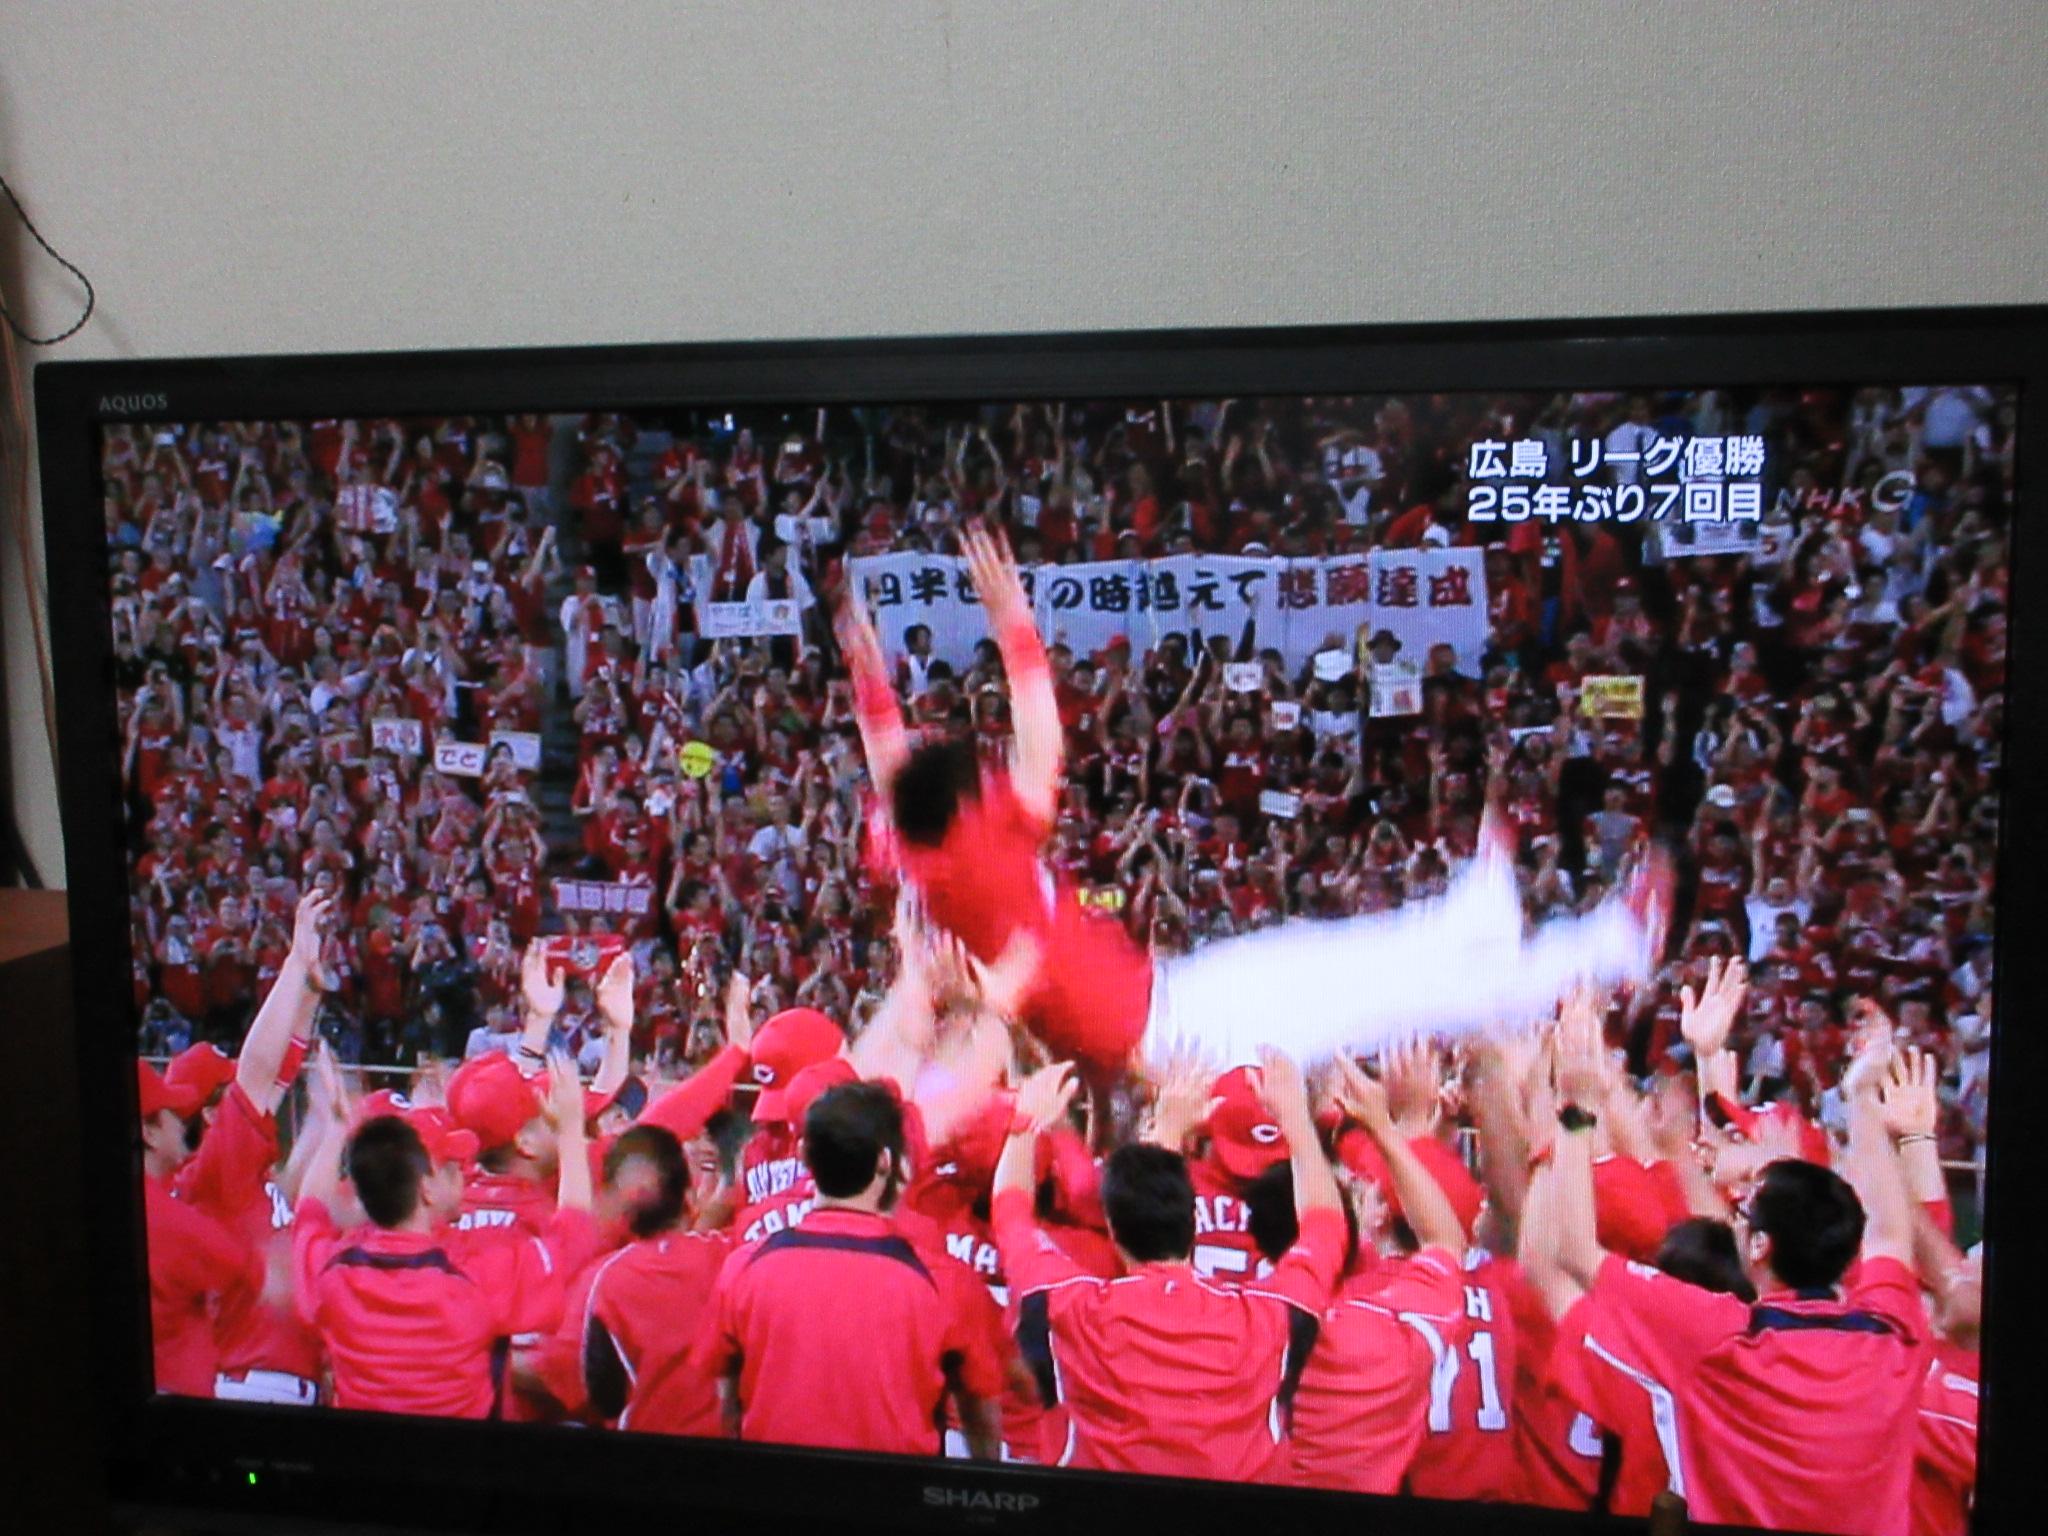 http://www.inoue-satoshi.com/diary/IMG_0819.JPG